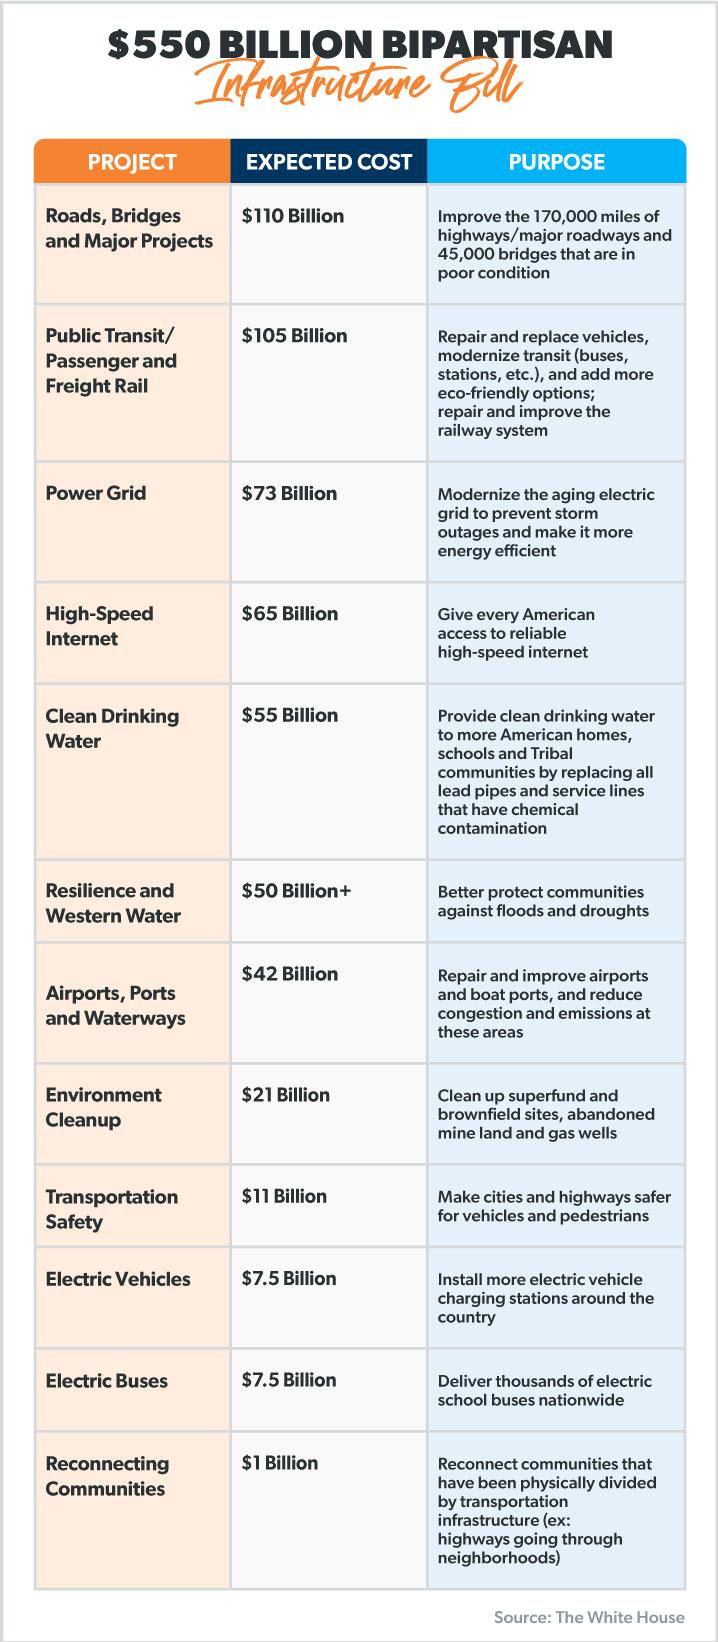 Bipartisan infrastructure Bill